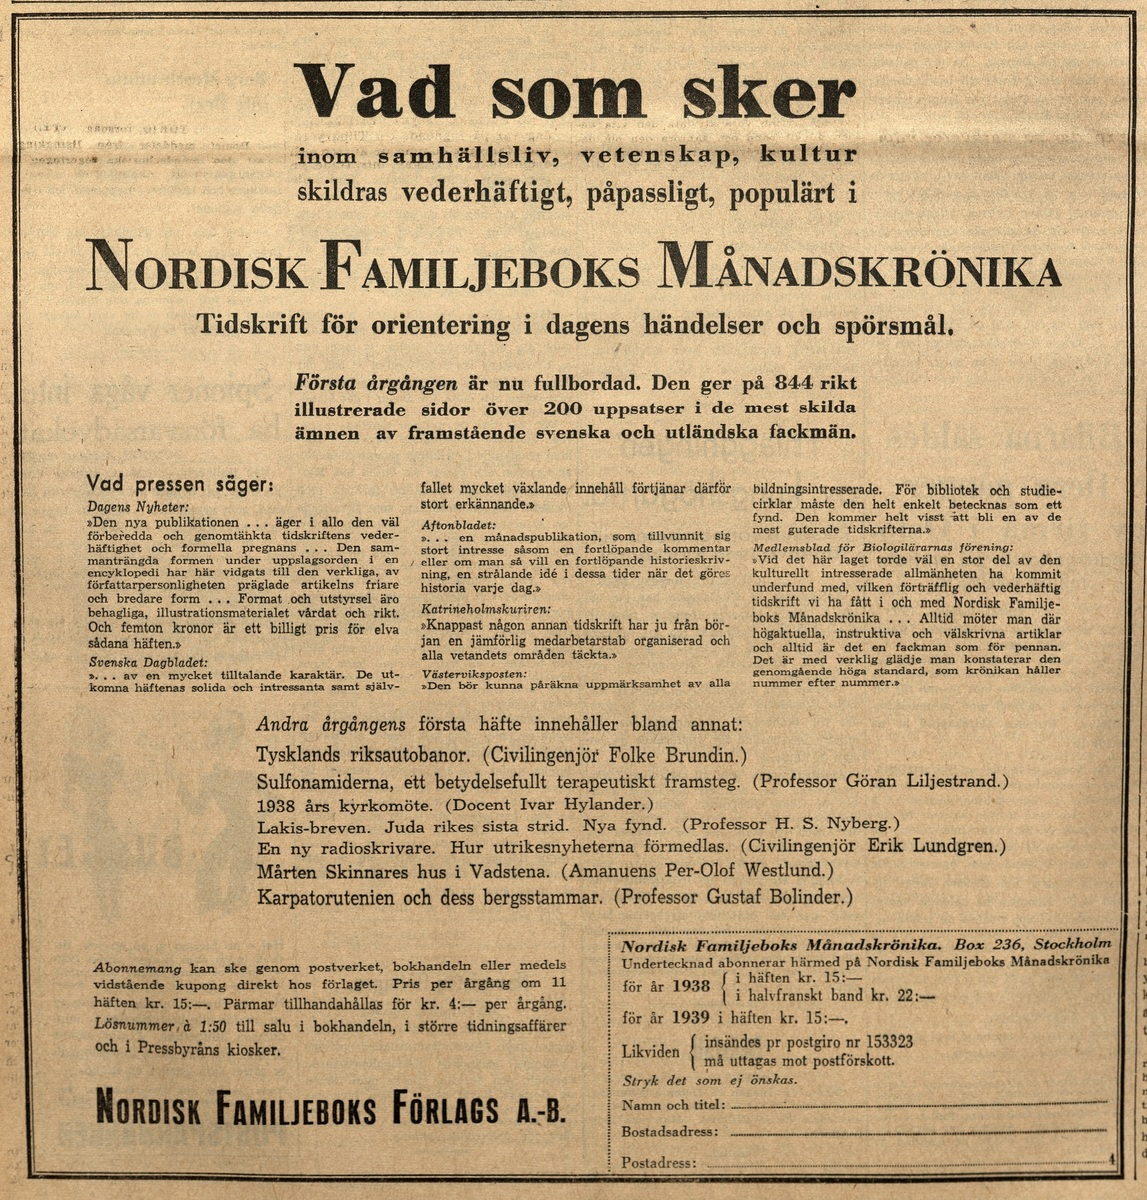 Standard aftonbladet 29 dec 1938 kopi 1